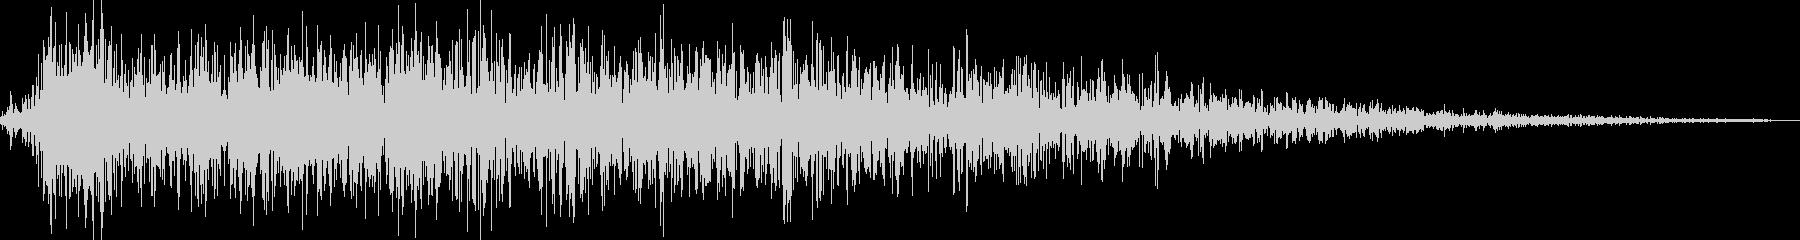 ロボット足音 タイプ15の未再生の波形